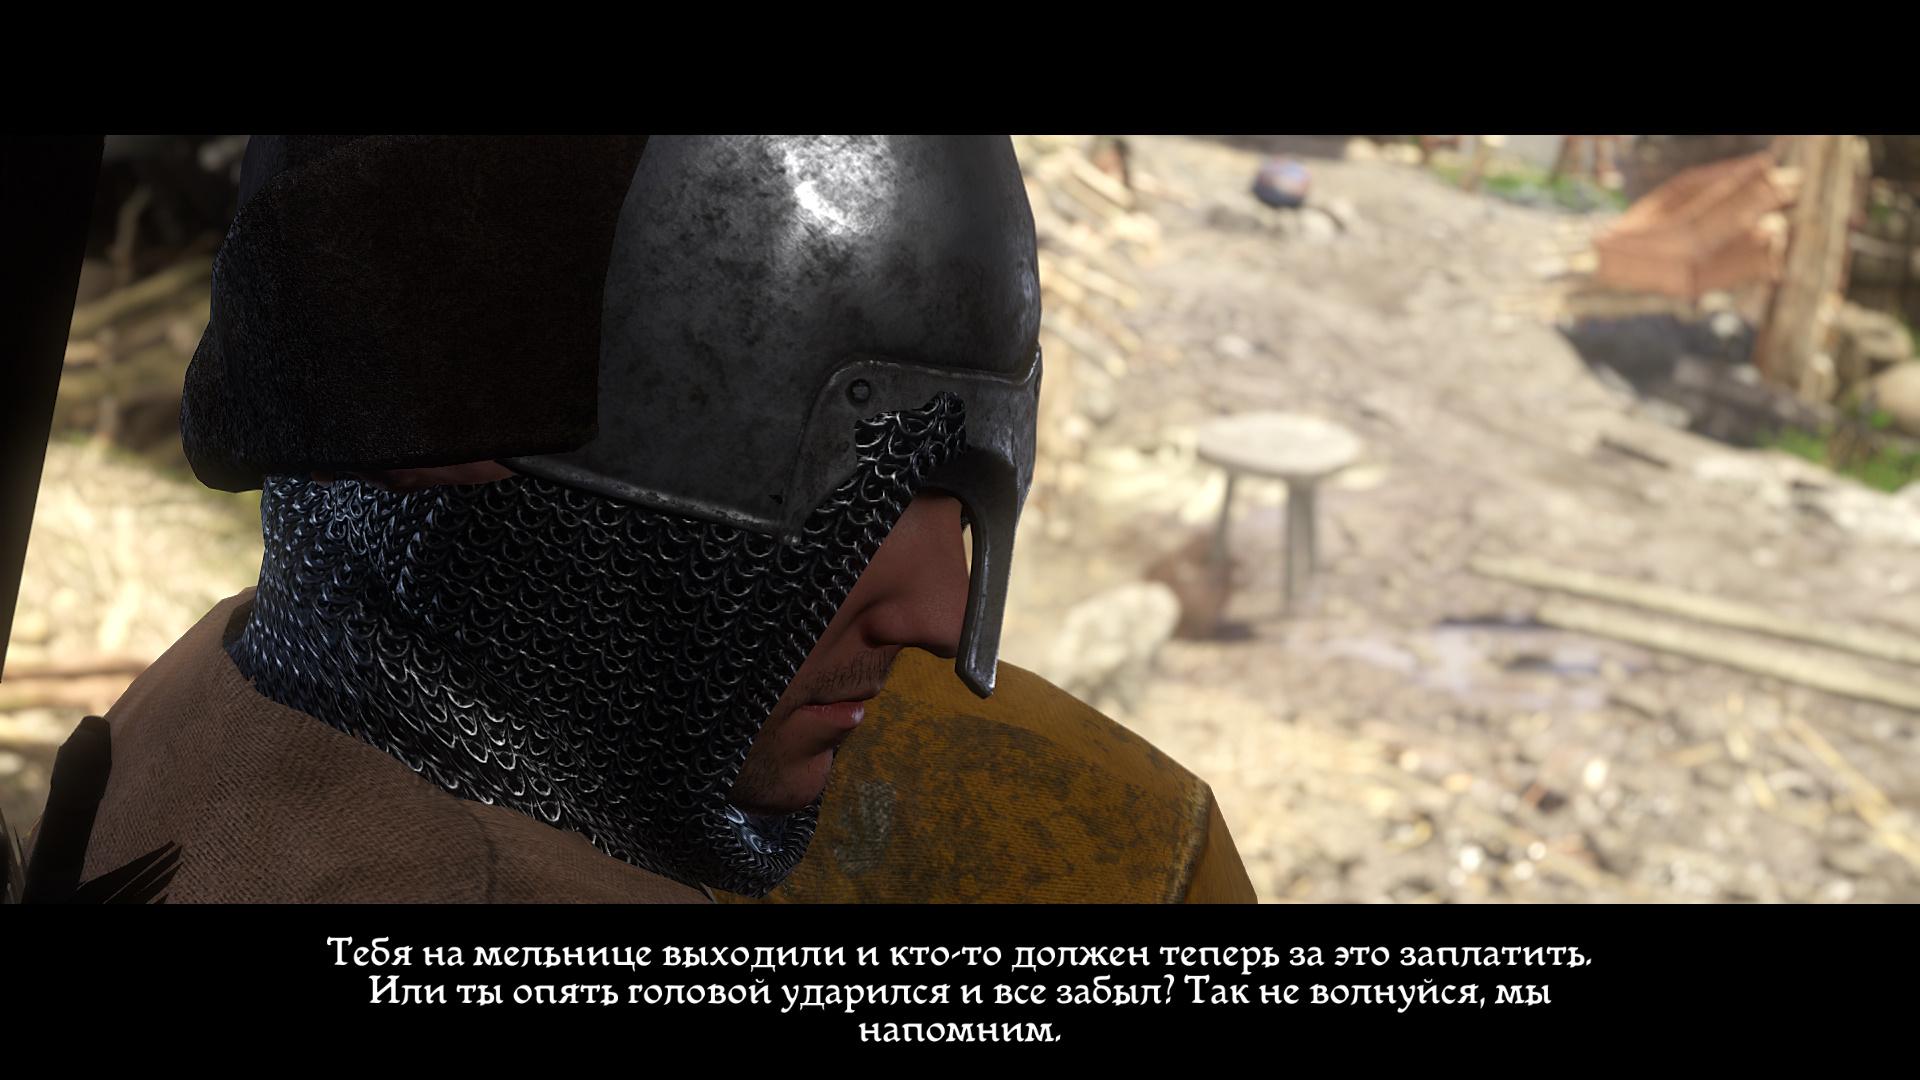 10 - Kingdom Come: Deliverance